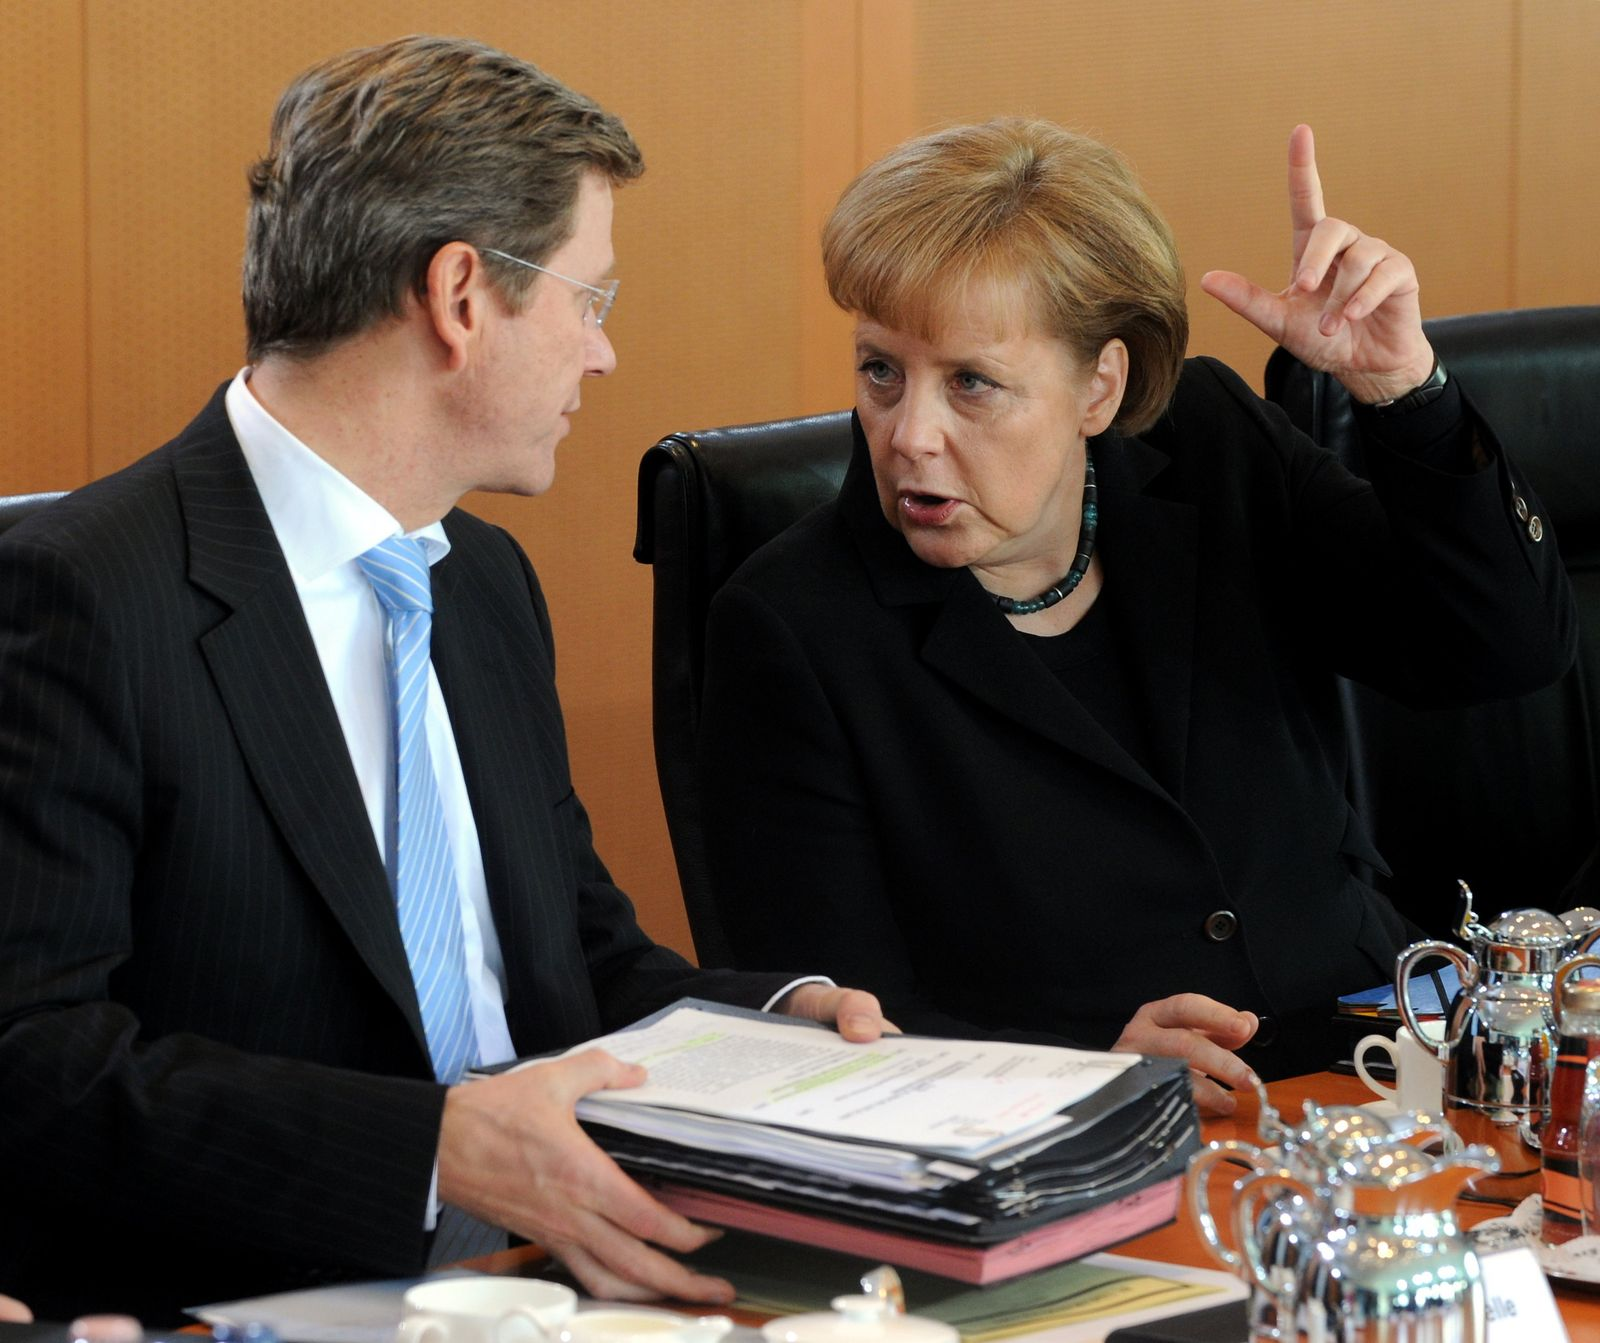 Merkel/Westerwelle